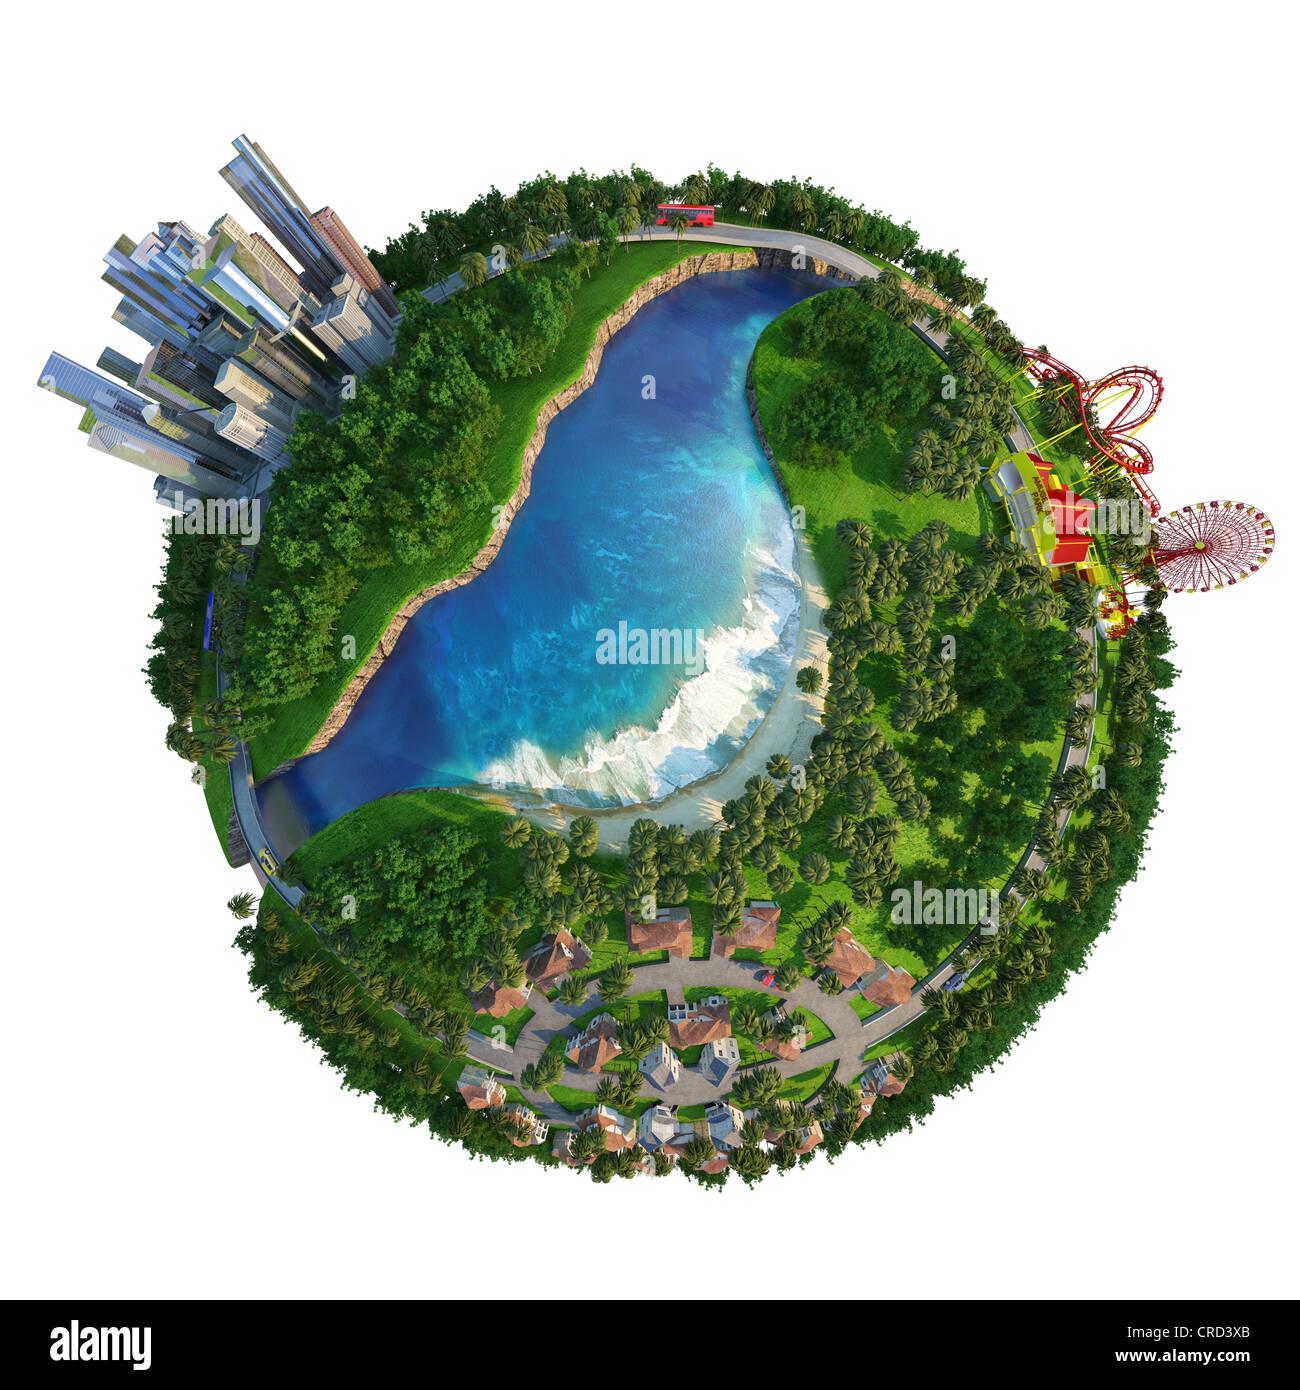 Konzept-Globe für Arbeit, Haus und Freizeit Stockbild